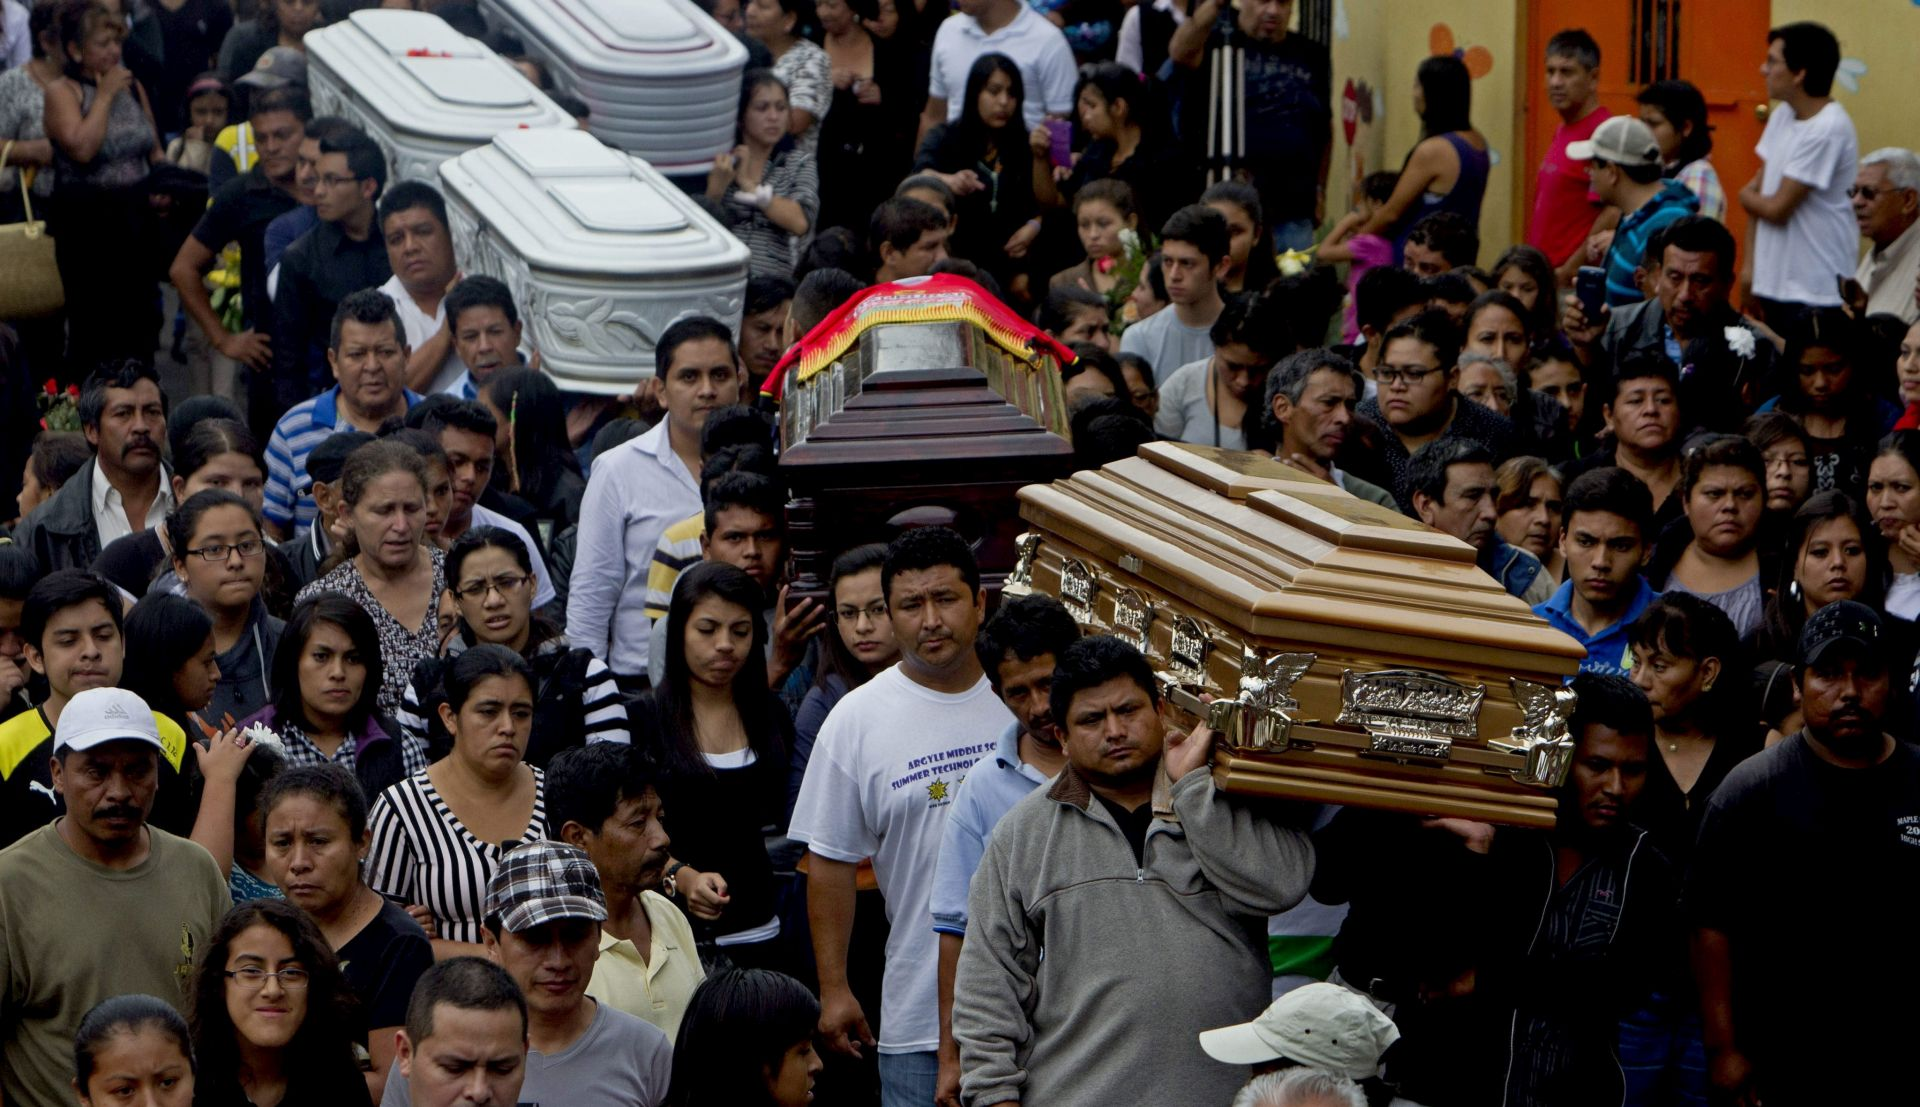 KATASTROFALNO KLIZANJE TLA Potvrđena smrt 131 osobe u Guatemali